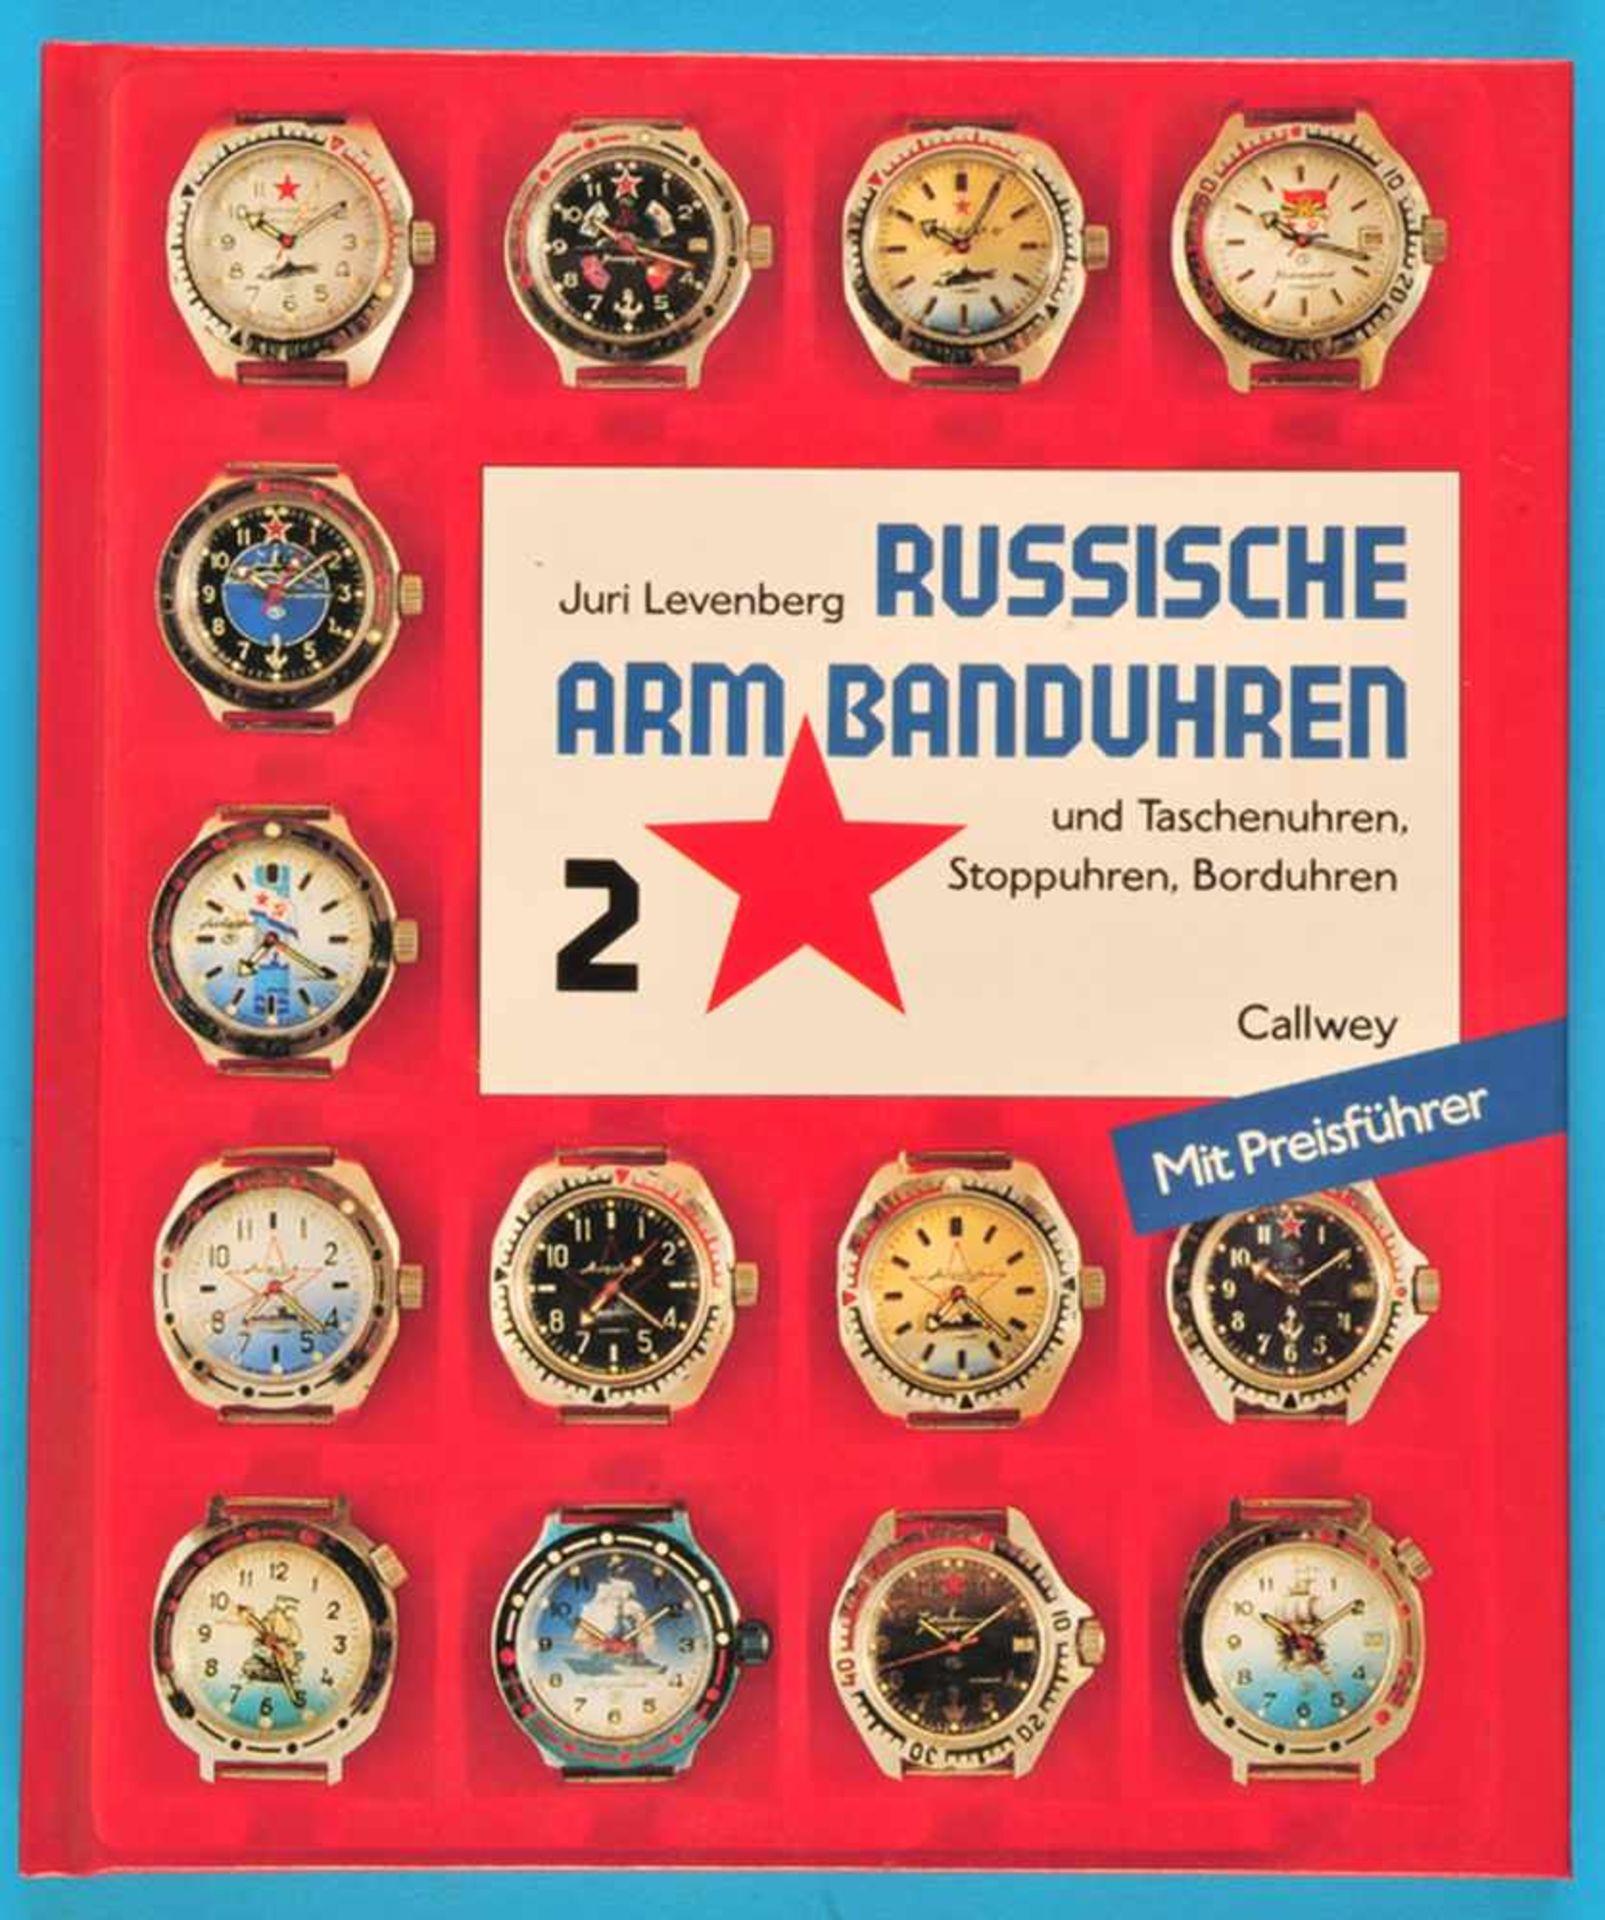 Los 34 - Juri Levenberg, Russische Armbanduhren und Taschenuhren, Stoppuhren, Borduhren, Band 2Juri